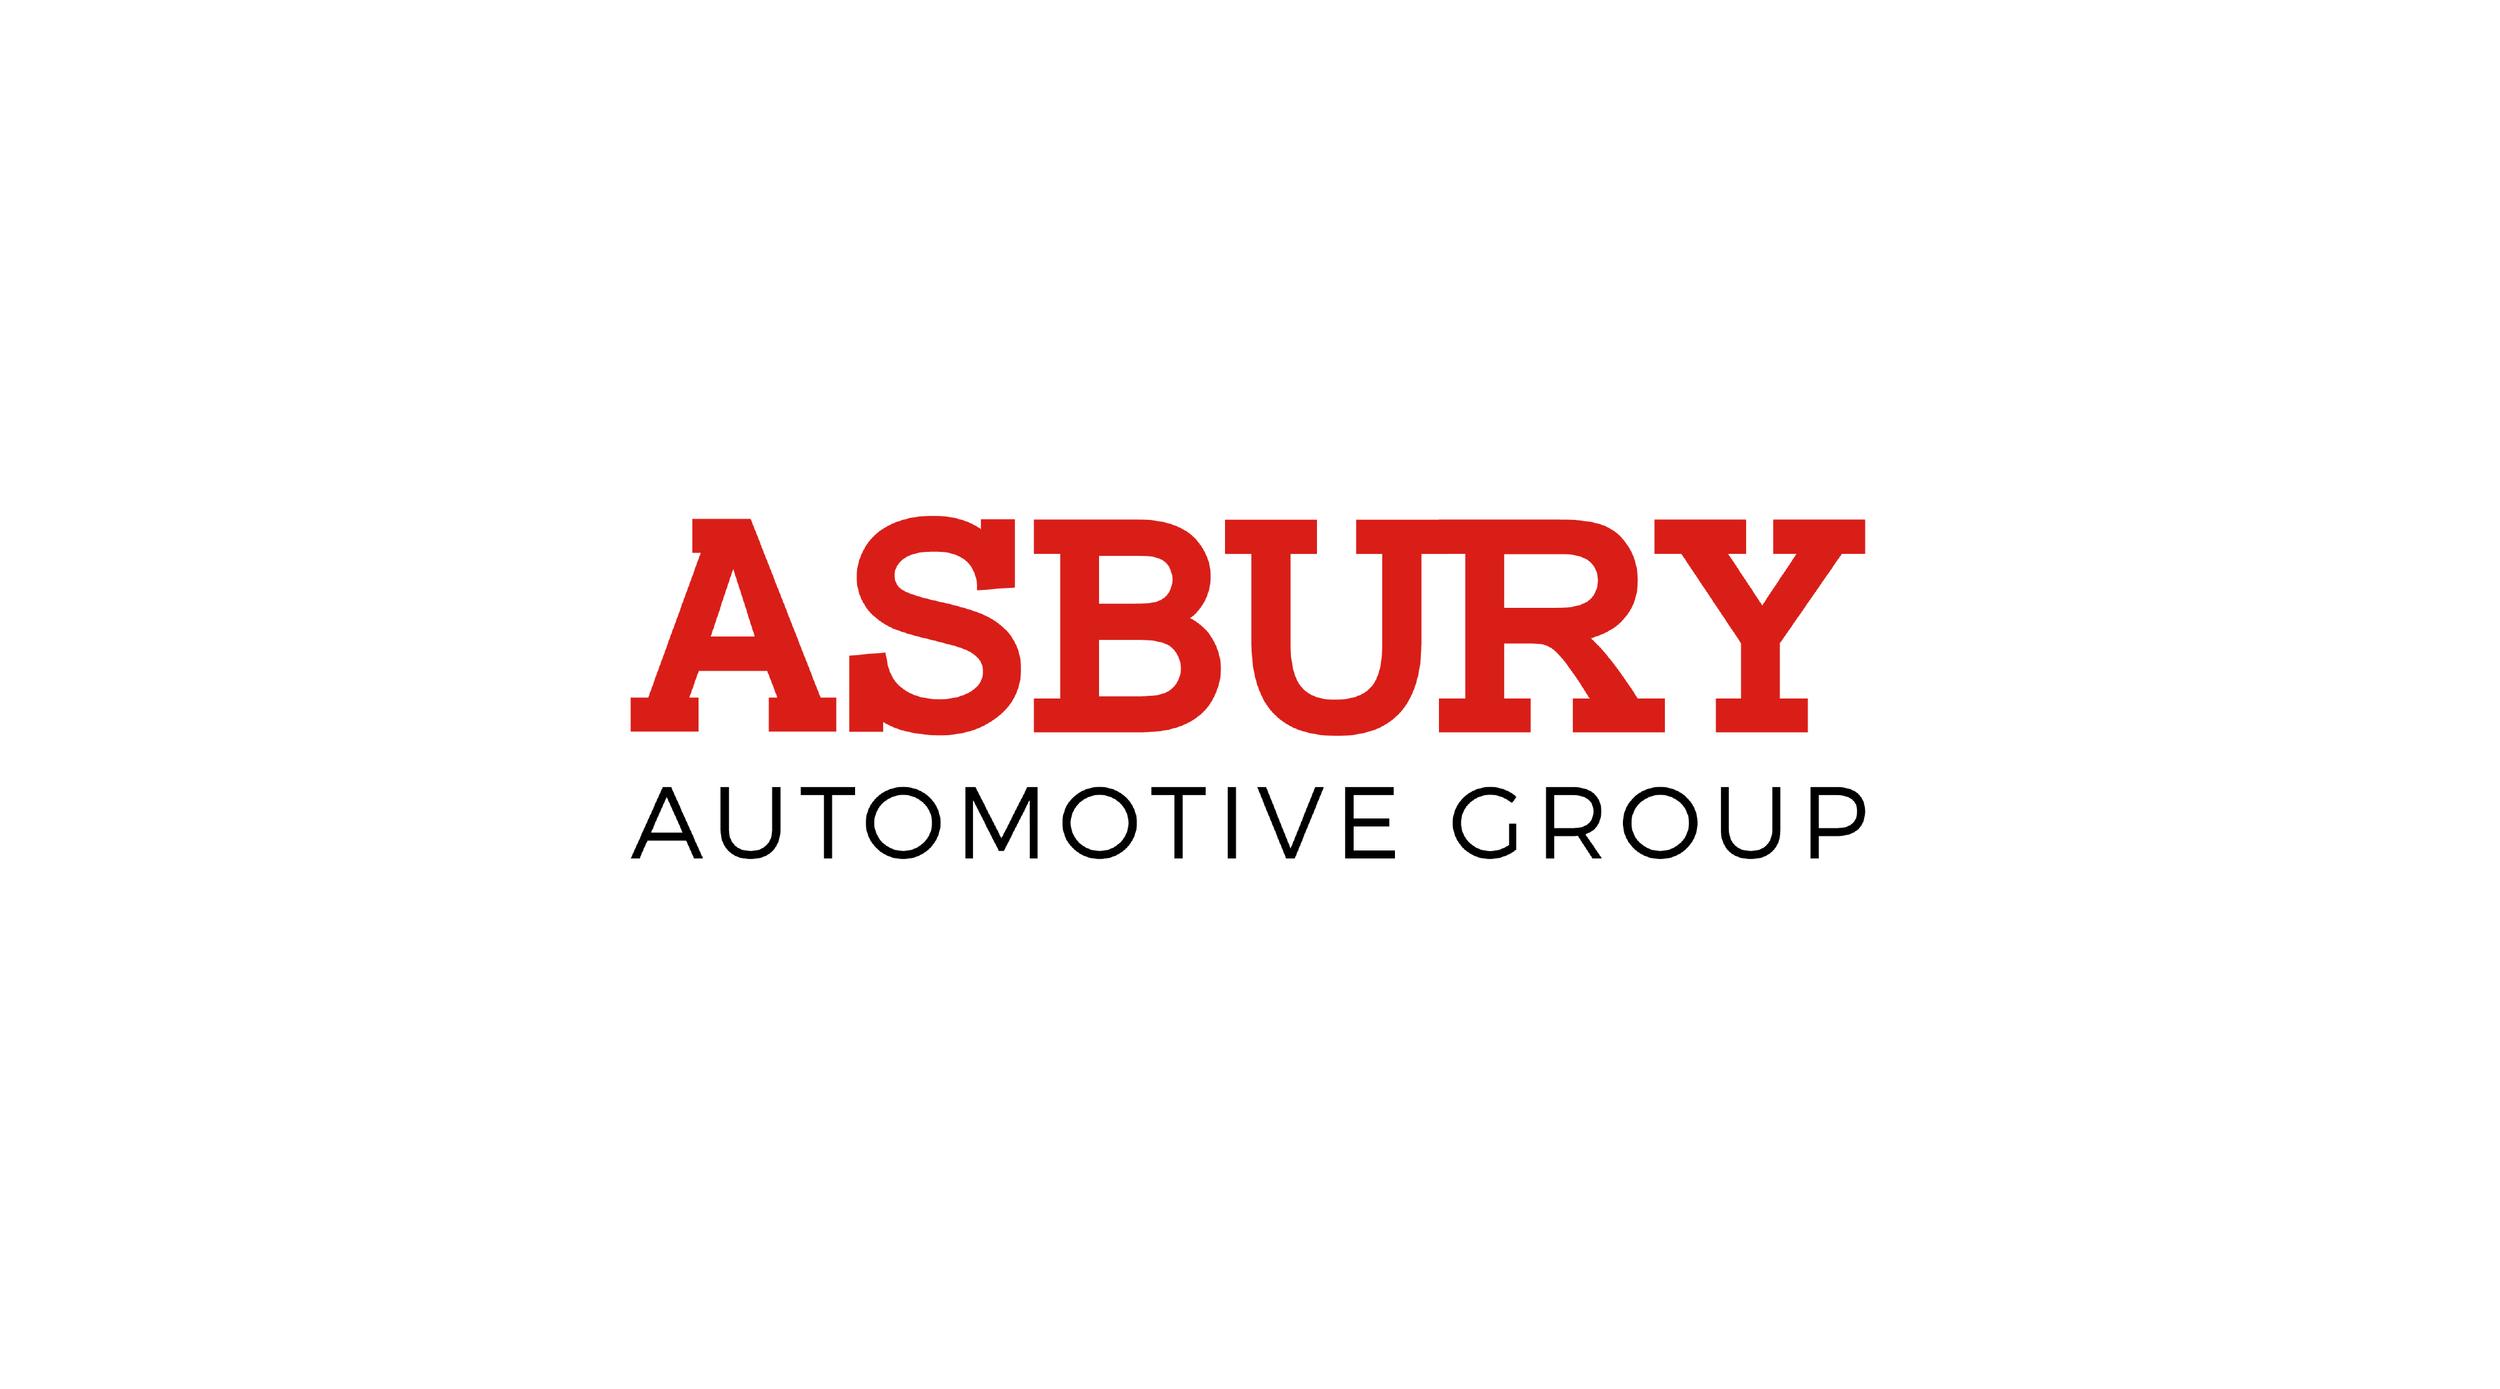 asset-draft-logos_asbury-automotive.png